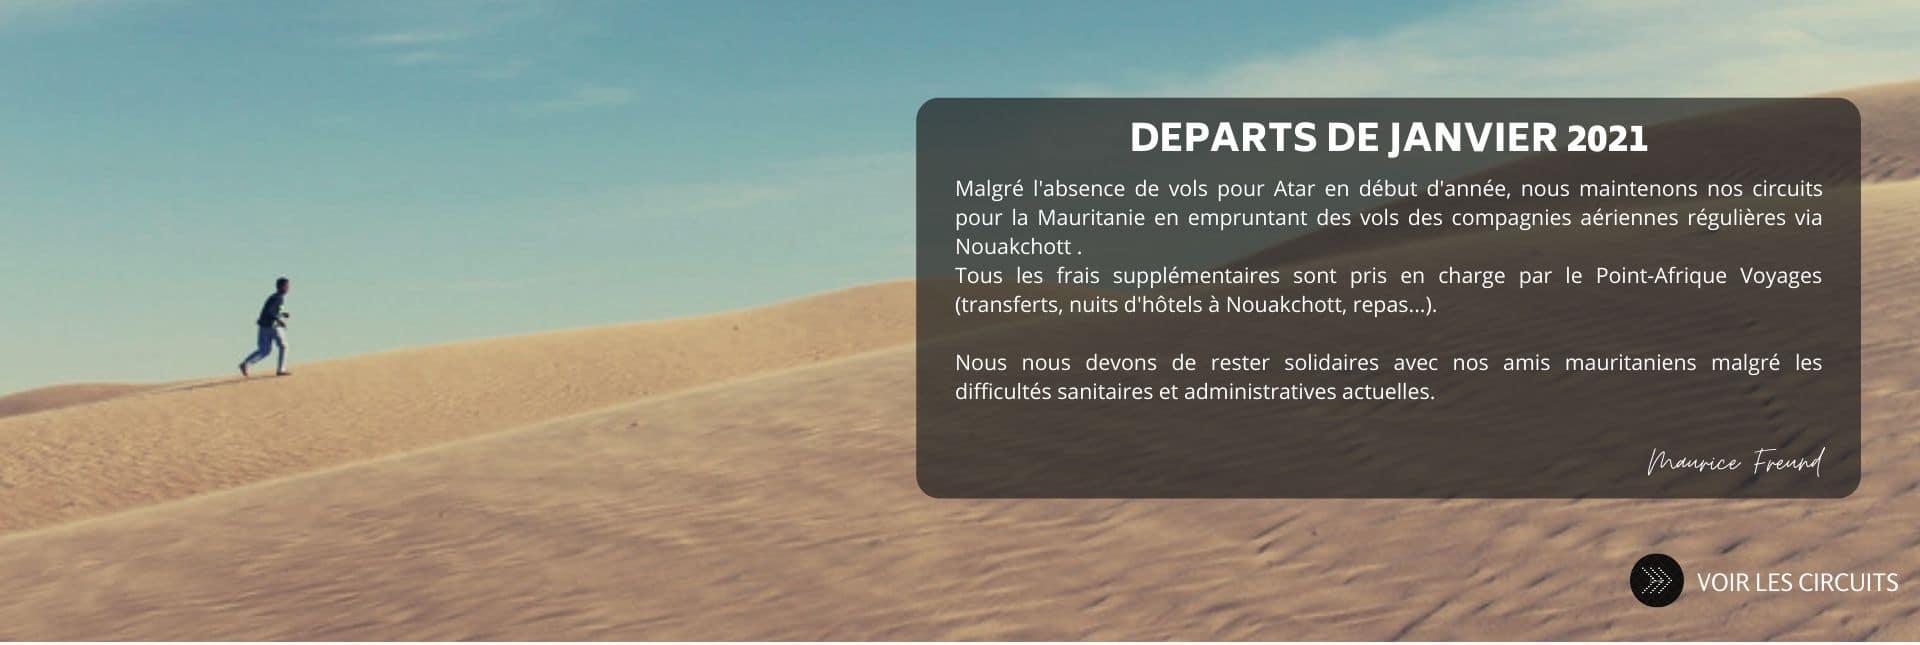 header departs mauritanie janvier 2021